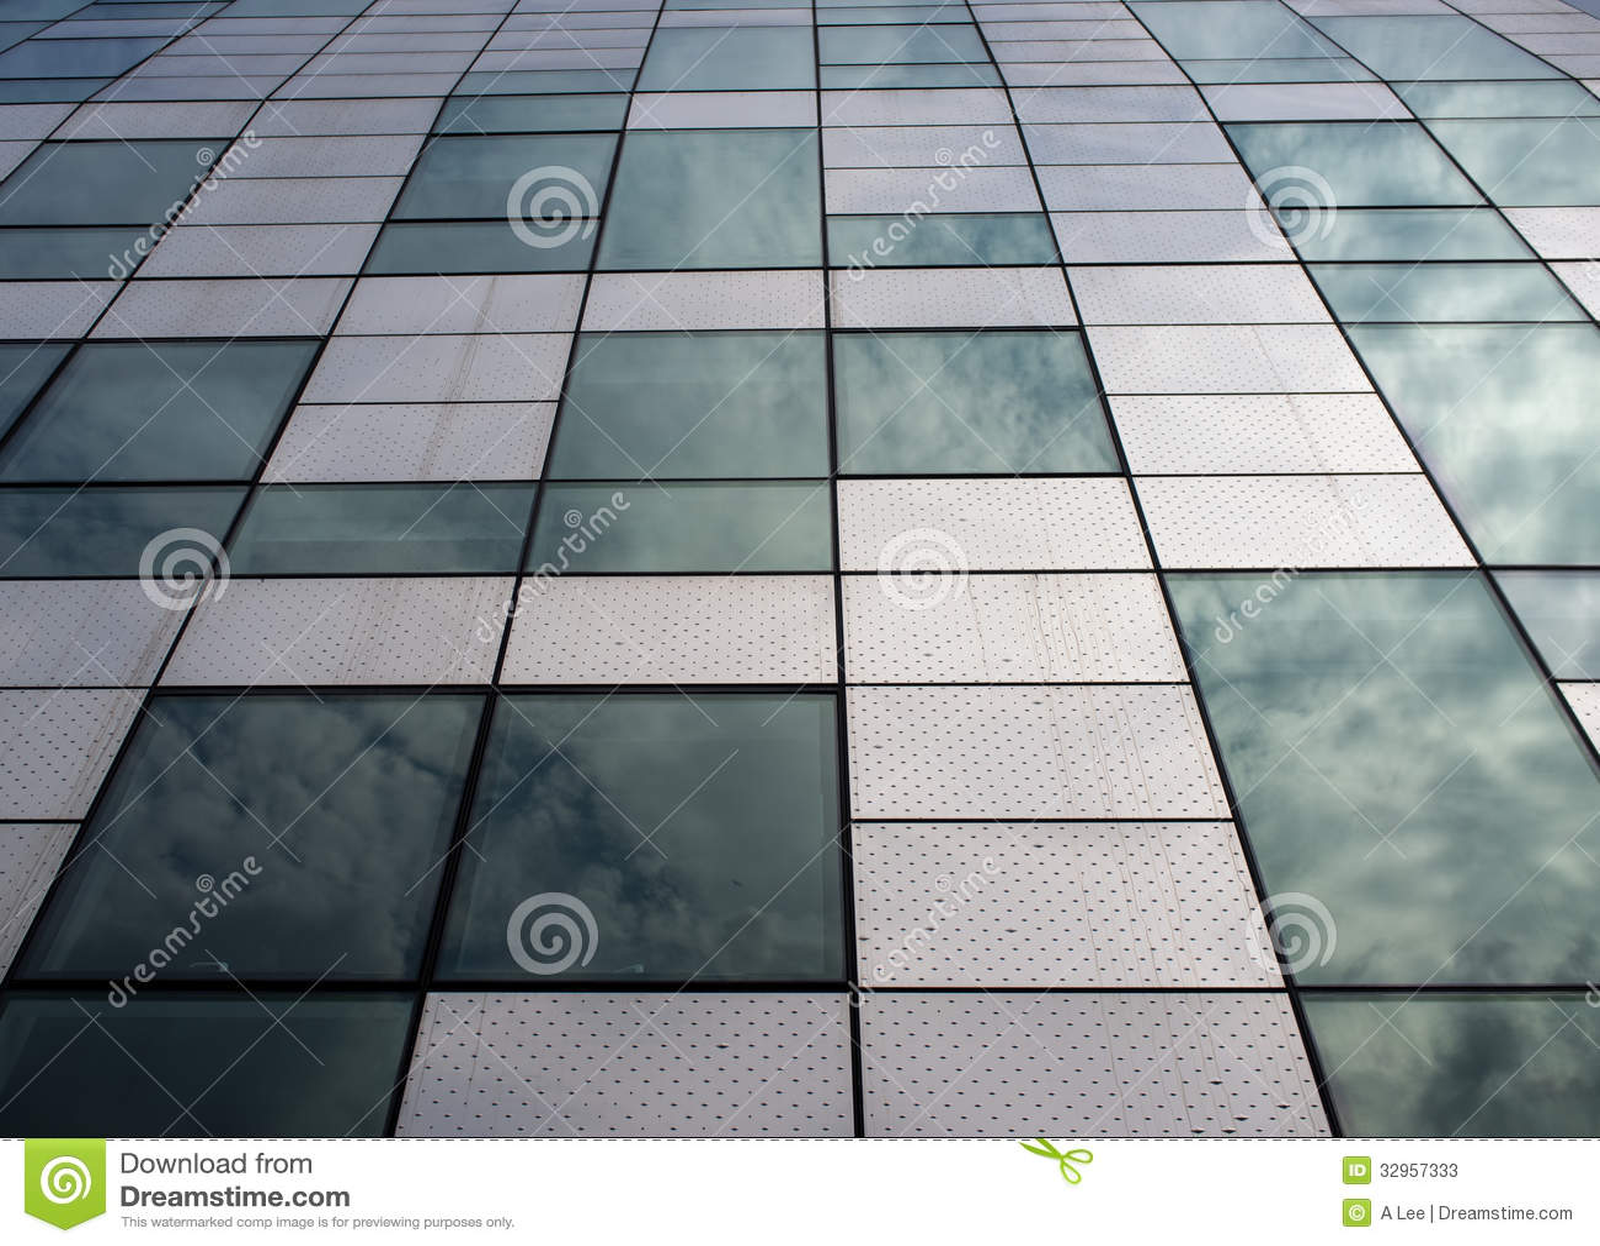 De moderne bouw met architecturale eigenschap die staal en glas gebruiken